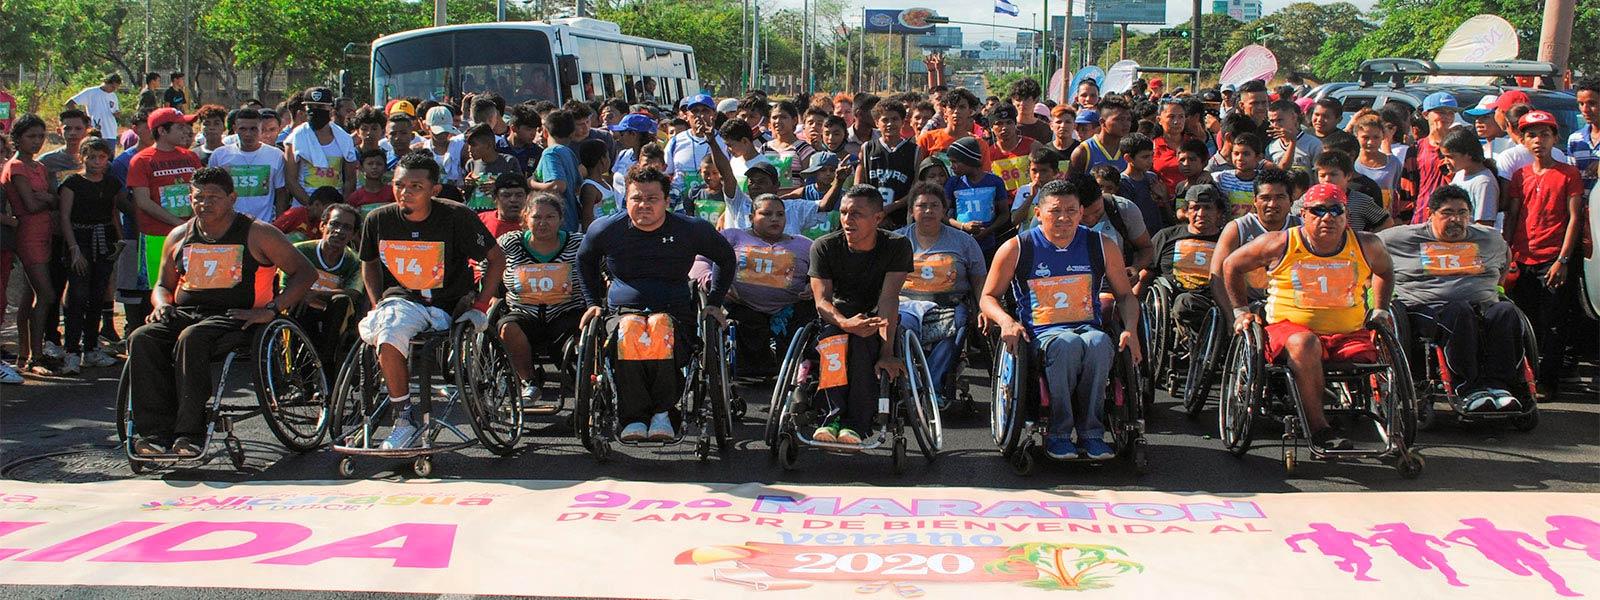 Bienvenida-maraton-Verano-2020